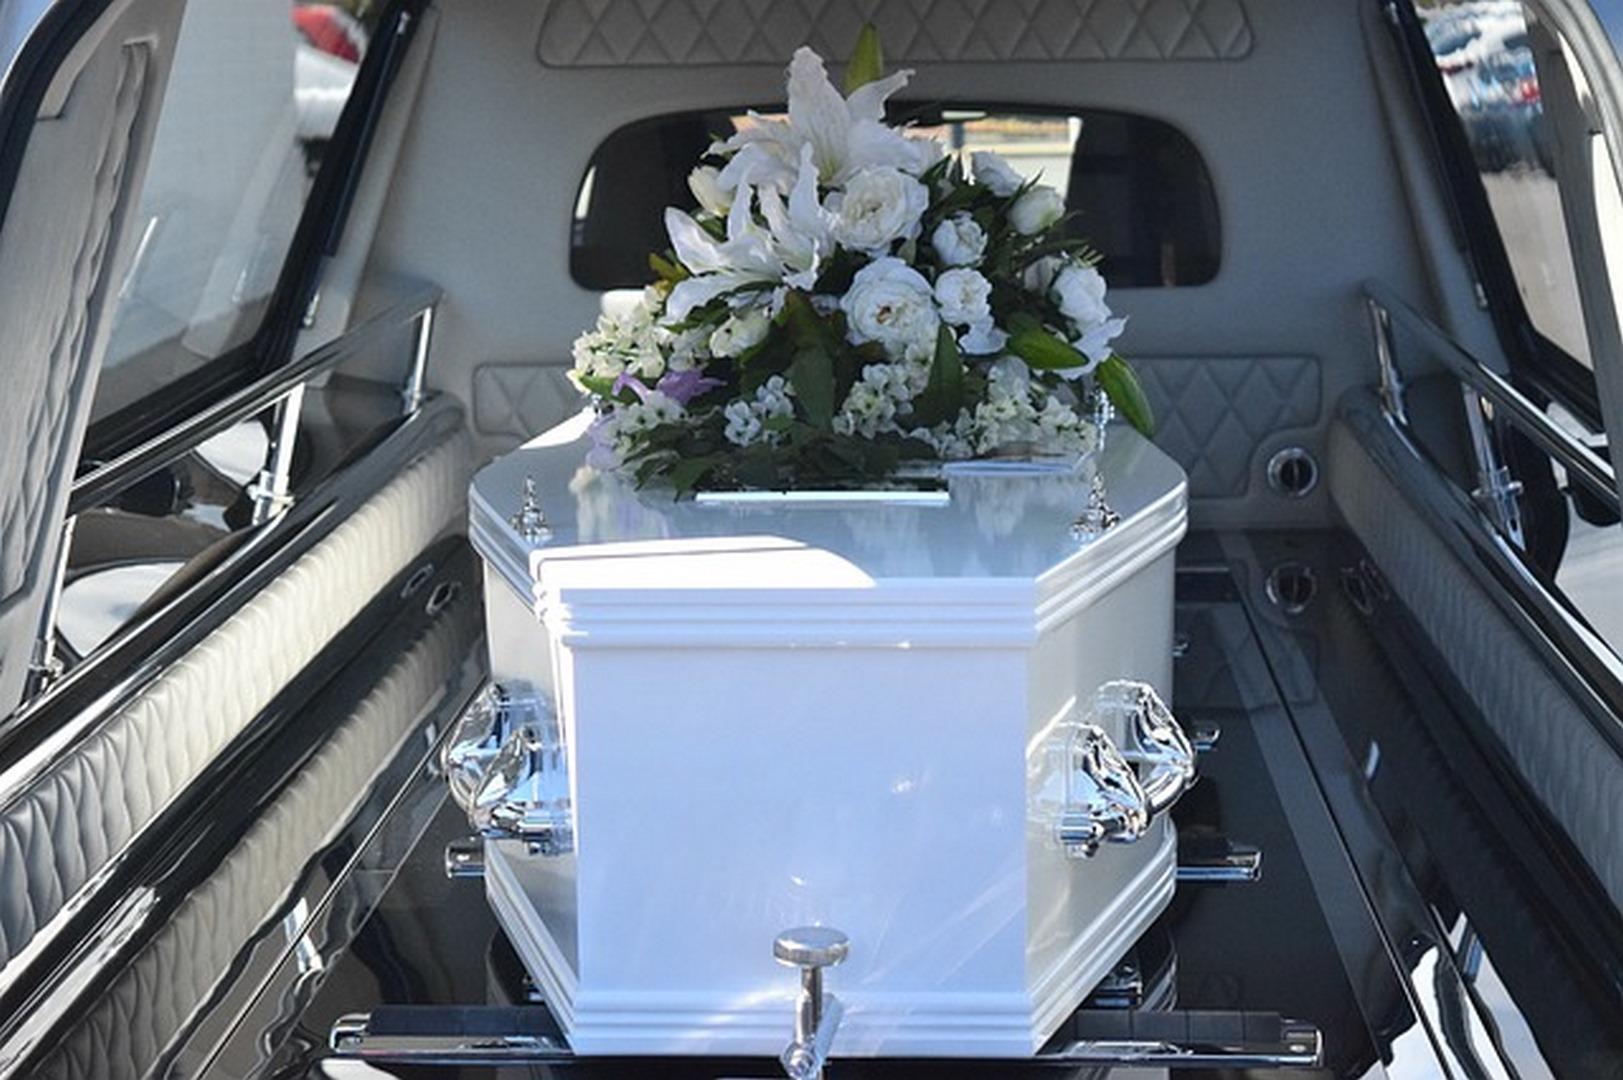 Pogrzeb- strona praktyczna